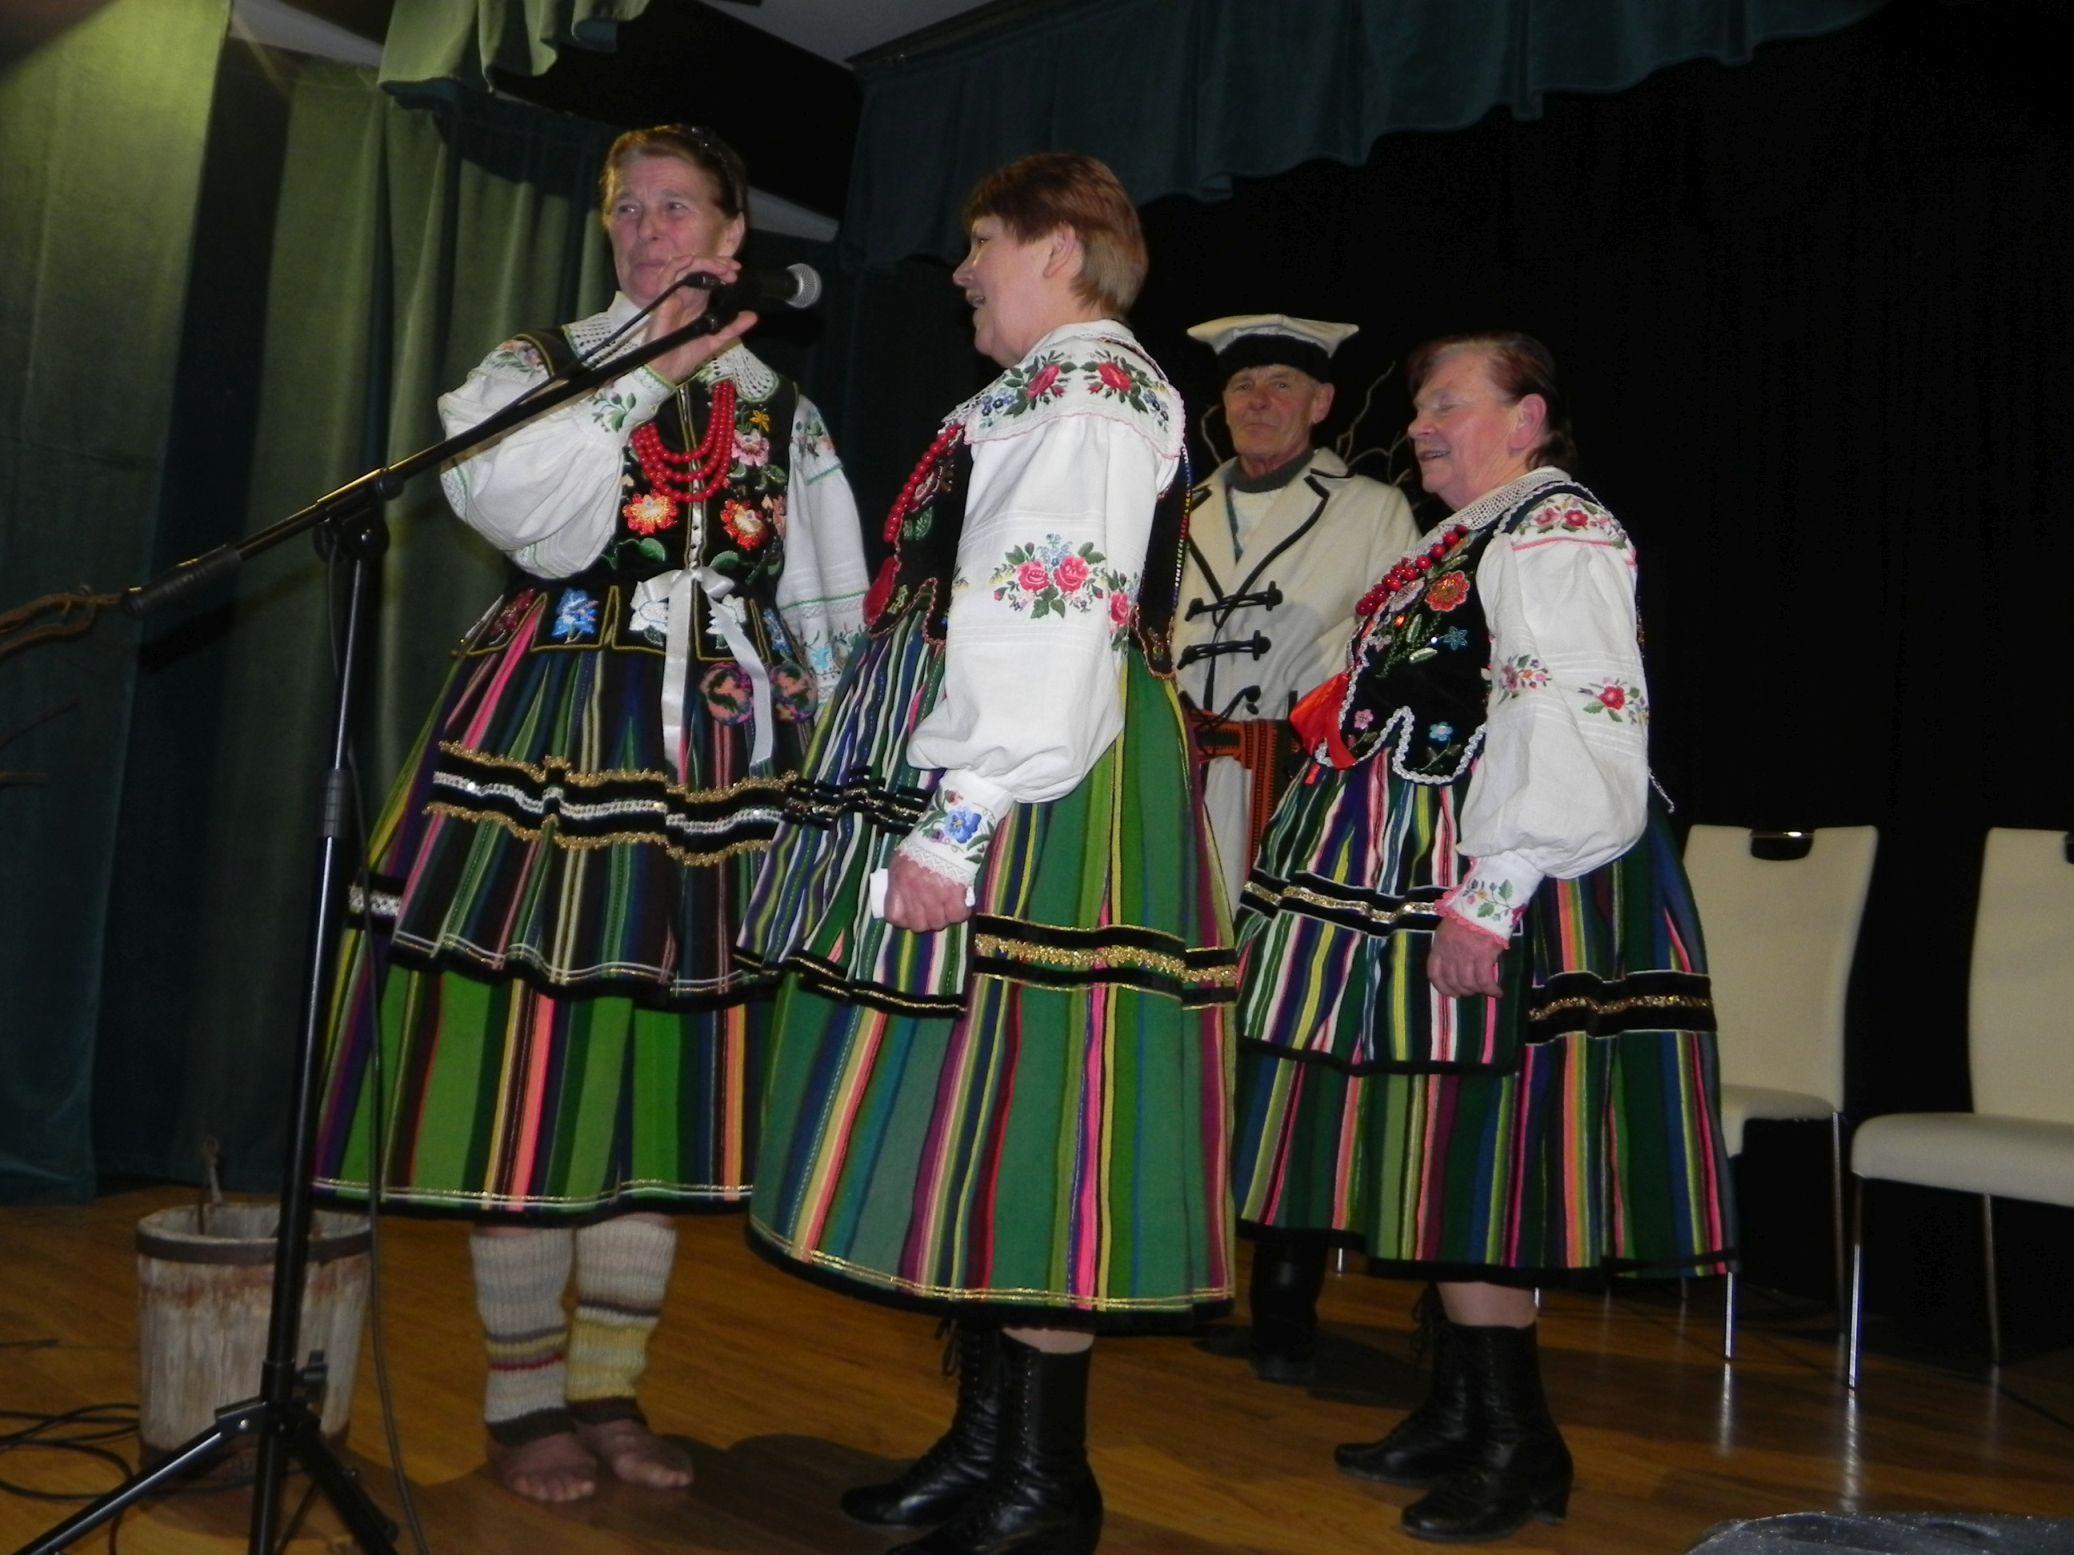 2015-02-14 Boguszyce - gawędy (22)